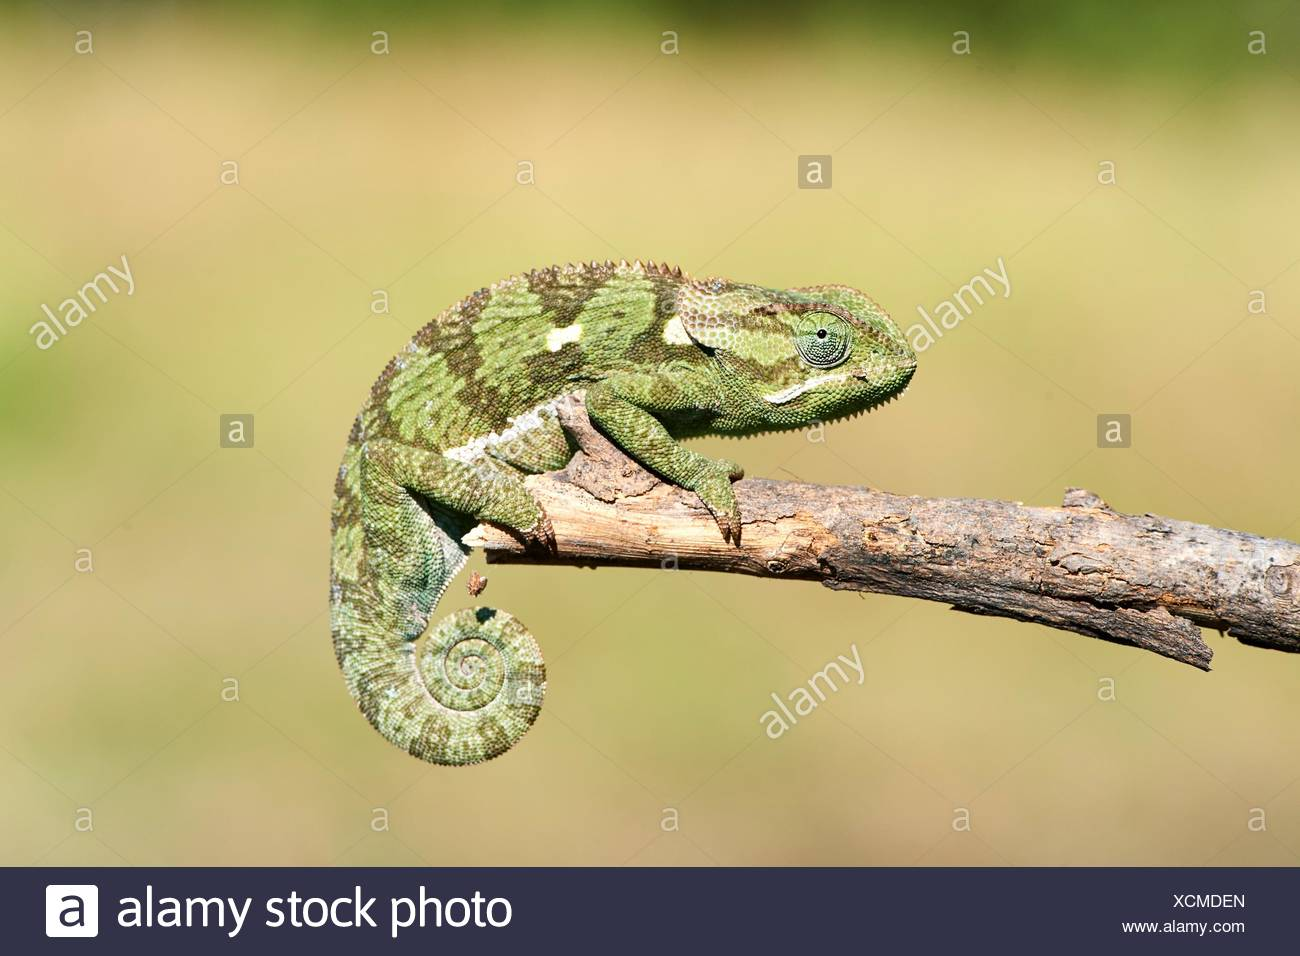 Flap necked chameleon (Chamaeleo dilepis), Moremi National Park, Okavango Delta, Botswana, Southern Africa. - Stock Image